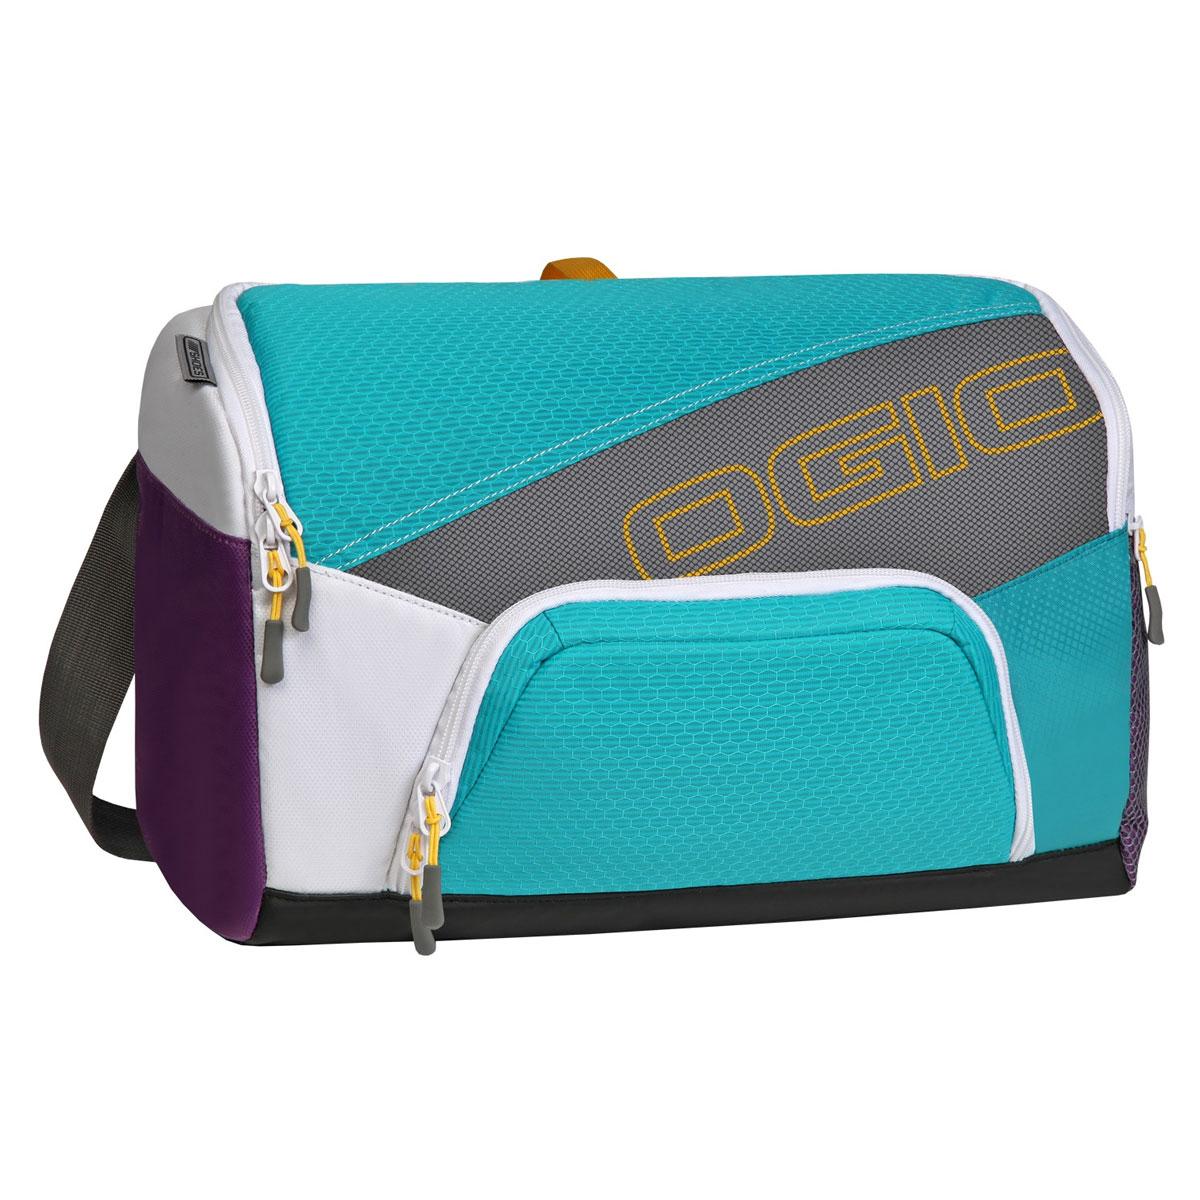 Сумка OGIO Quickdraw, цвет: голубой, фиолетовый. 112041.377112041.377Спортивная сумка OGIO Quickdraw подойдет людям, которые не привыкли таскать с собой габаритные сумки. Плечевая спортивная сумка OGIO - это Ваш помощник в спортивной жизни. Компактная сумка легко поместит в себе пару обуви, футболку с шортами, шейкер, мелкие вещи и электронные гаджеты. Особенности: Основное отделение отлично вмещает обувь для бега и сменную одежду. Внутренний карман для бутылки с водой. Дополнительное специальное отделение под крышкой для хранения продуктов питания. Внутренний карман для ключей и ценных вещей. Наружный карман с подбивкой для хранения ценных вещей. Легкая, износоустойчивая и прочная на разрыв ткань. Скрытая сетка для вентиляции основного отделения. Боковой карман с двусторонней застежкой на молнии носостойкое и устойчивое к истиранию брезентовое основание. Вентилируемая задняя стенка с системой проветривания. Простой регулируемый наплечный ремень Надежно закрепленный ремень для...